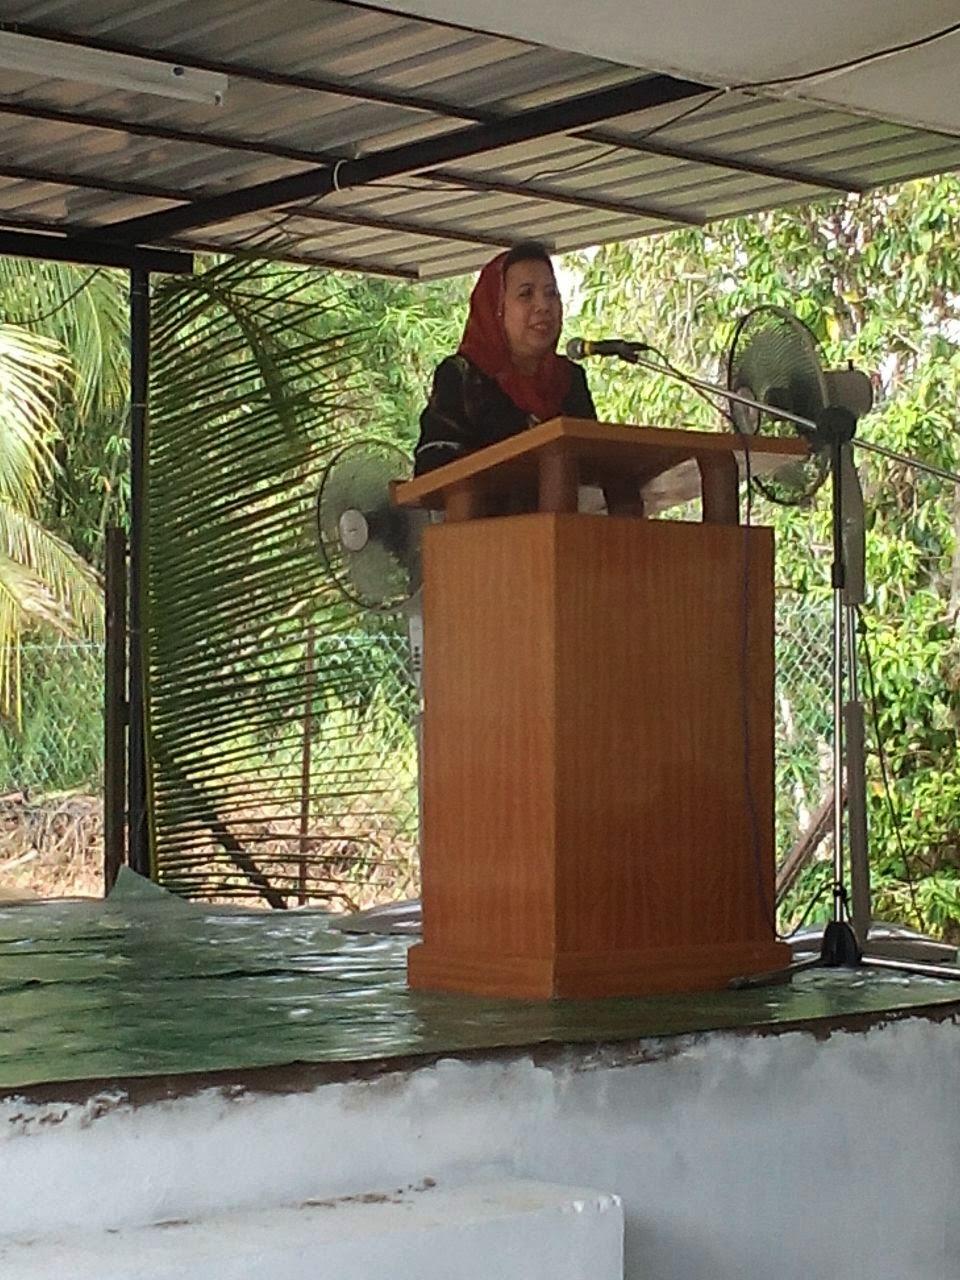 GAMBAR Sekitar Perkampungan Belia Islam Bekenu di Kampung Jambu Bungai Bekenu anjuran JAKIM cawangan Sarawak Unit Miri Pejabat Agama Islam Bahagian Miri JAIS dan Persatuan Ahli Sunnah Wal Jamaah ASWAJA Sarawak